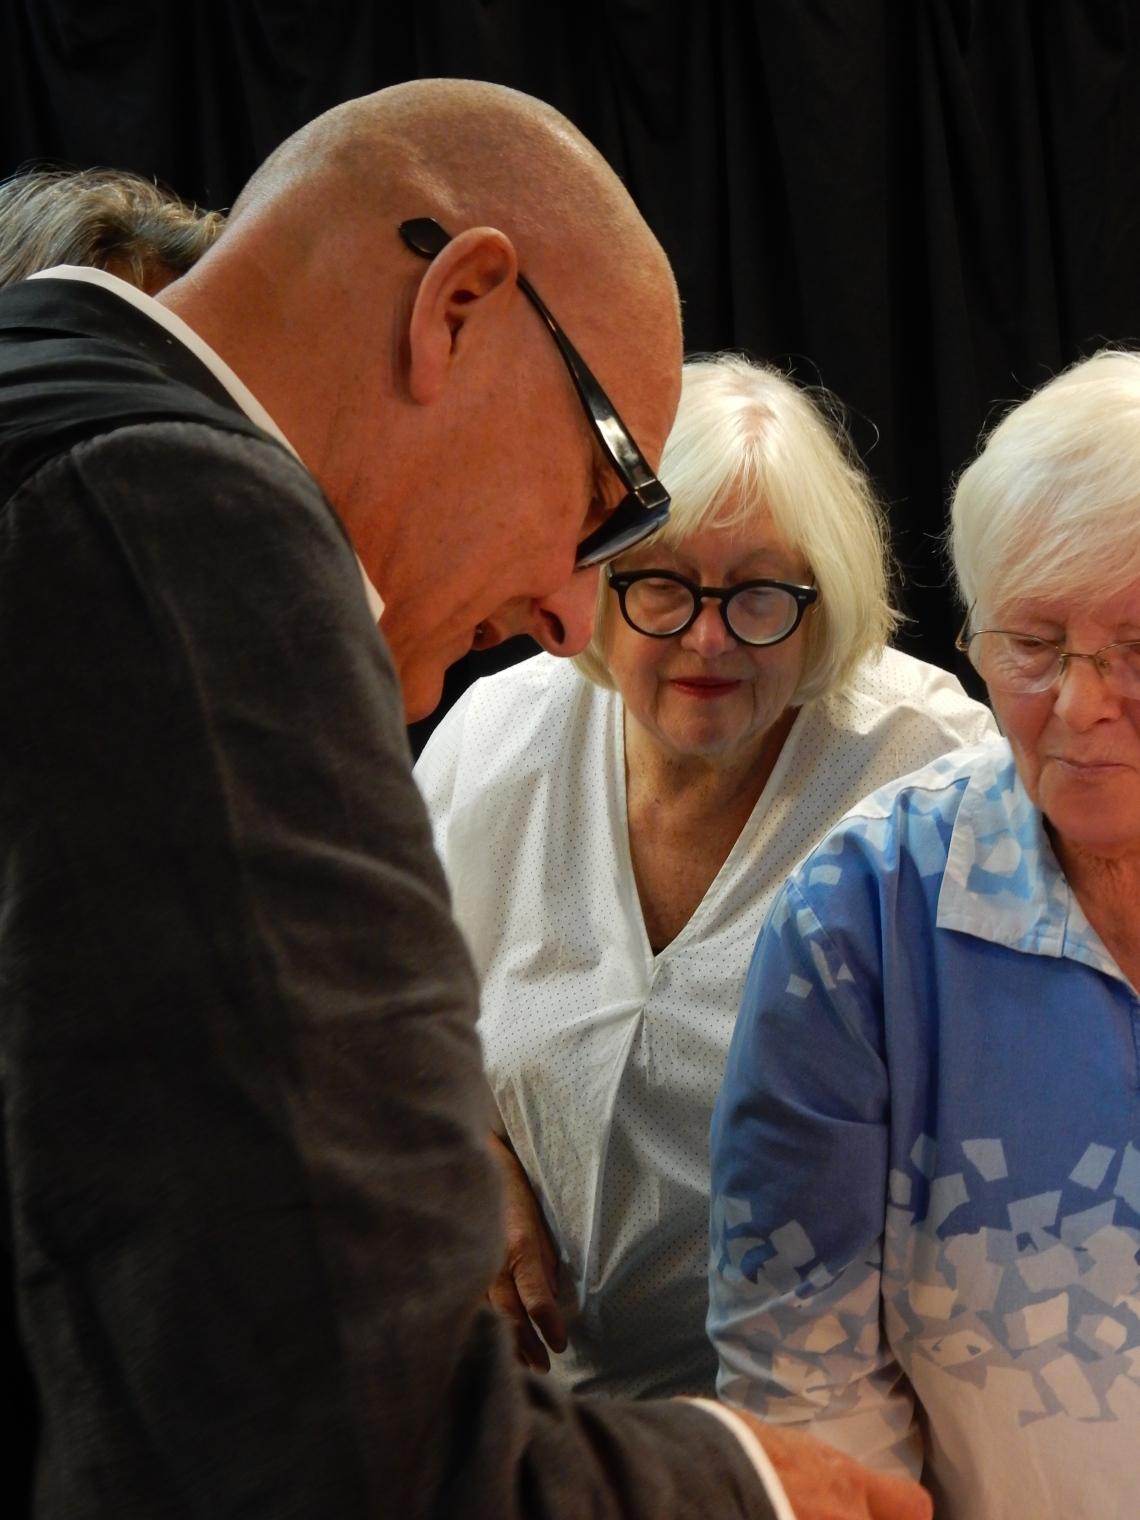 Bijeenkomst SSC met Ruudt Peters en geïnteresseerden, 2016. Foto Esther Doornbusch, CC BY 4.0